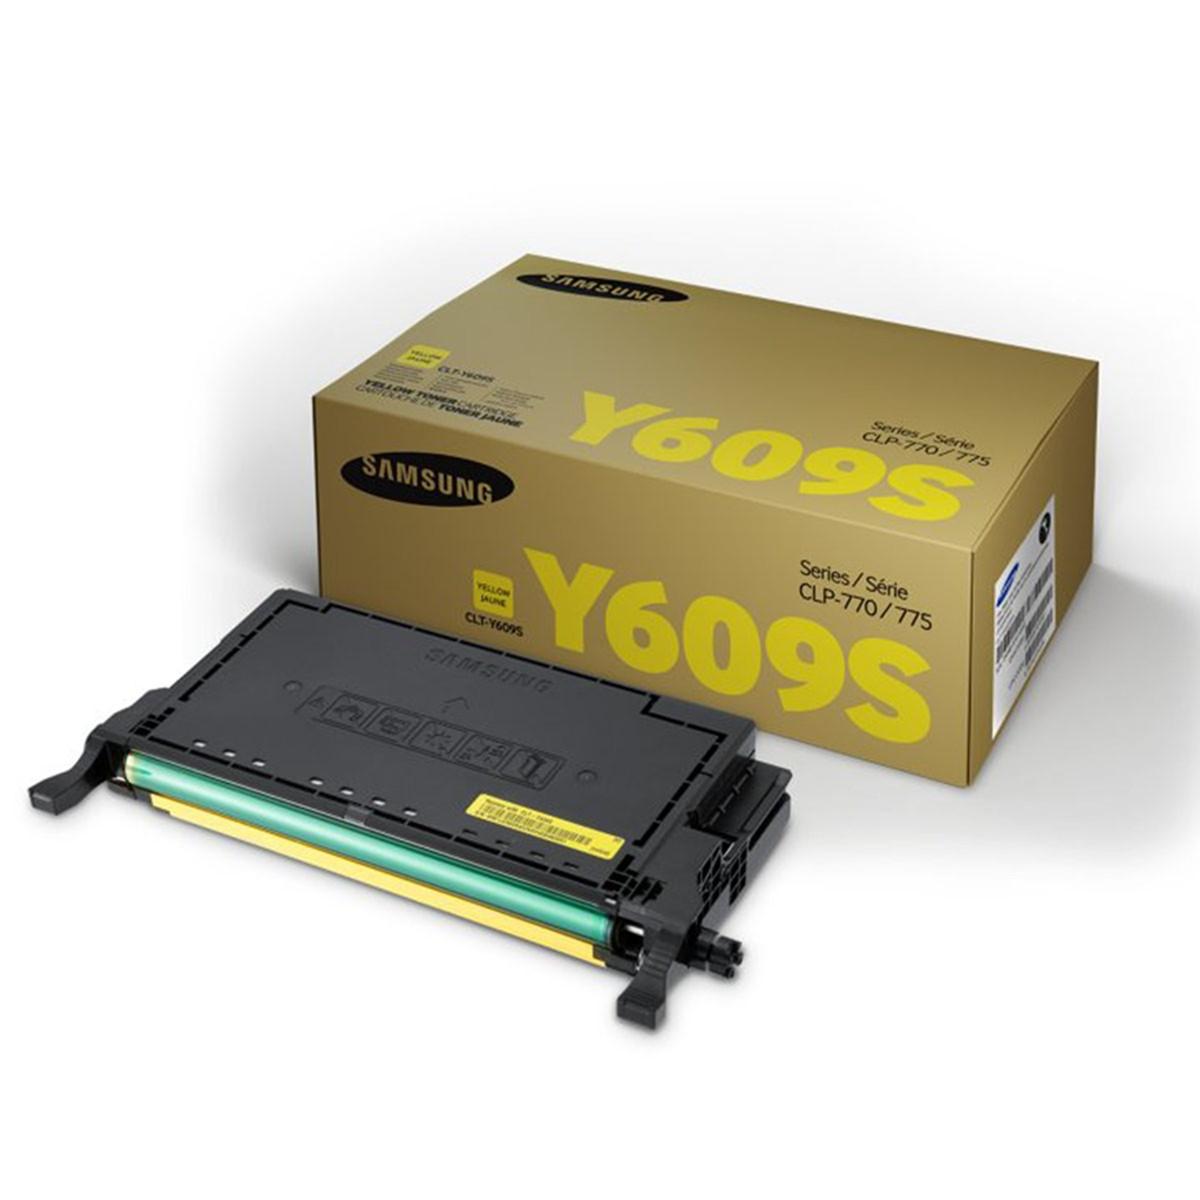 Toner Samsung CLT-Y609S Amarelo   CLP770 CLP775 CLP-770ND CLP-775ND   Original 7k